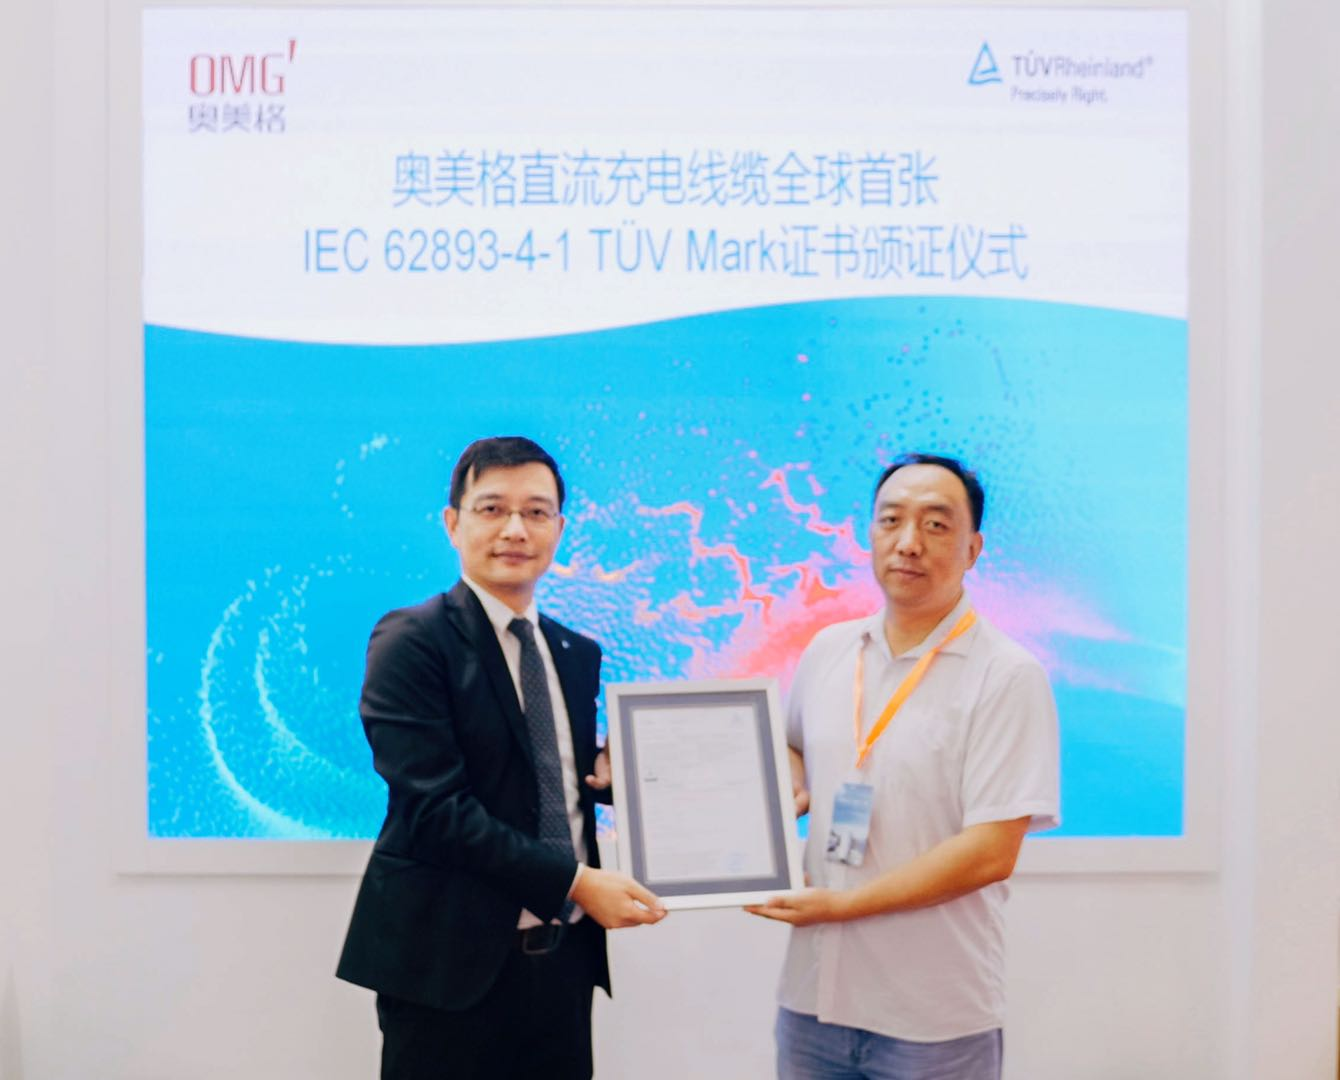 TÜV Rheinland授予OMG全球首个直流充电电缆标准认证